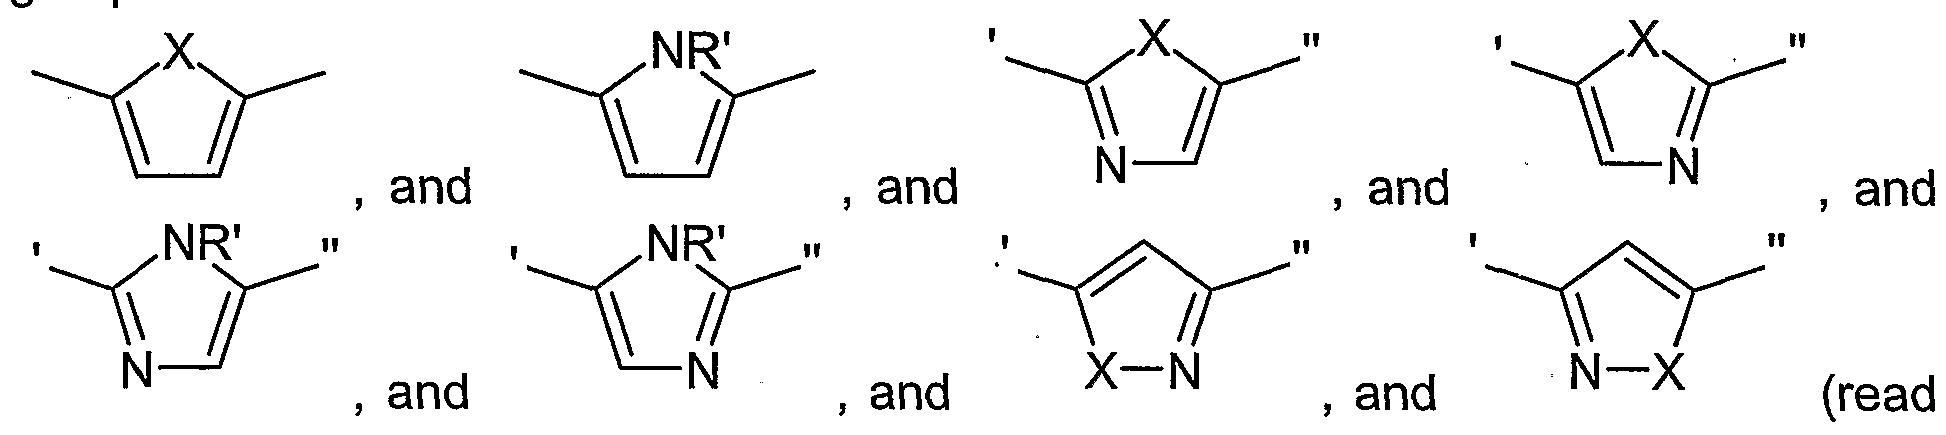 Figure imgf000005_0003